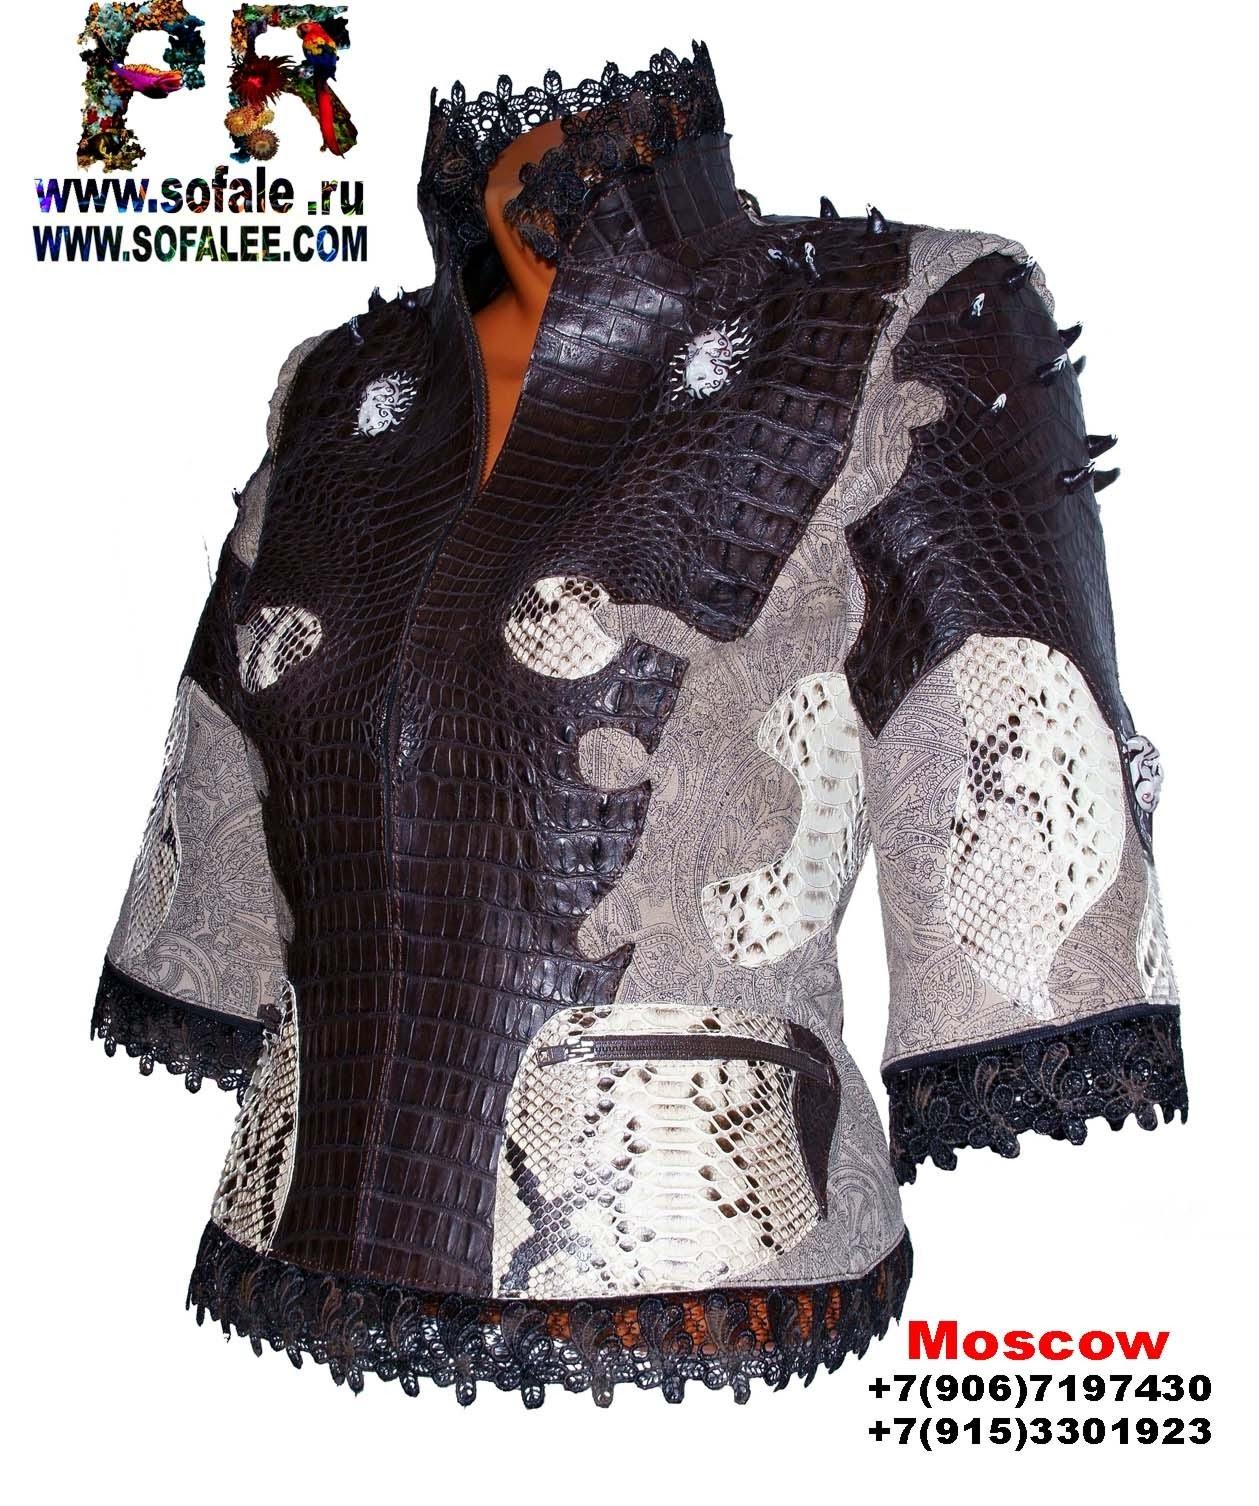 самая лучшая куртка кожаная крокодил